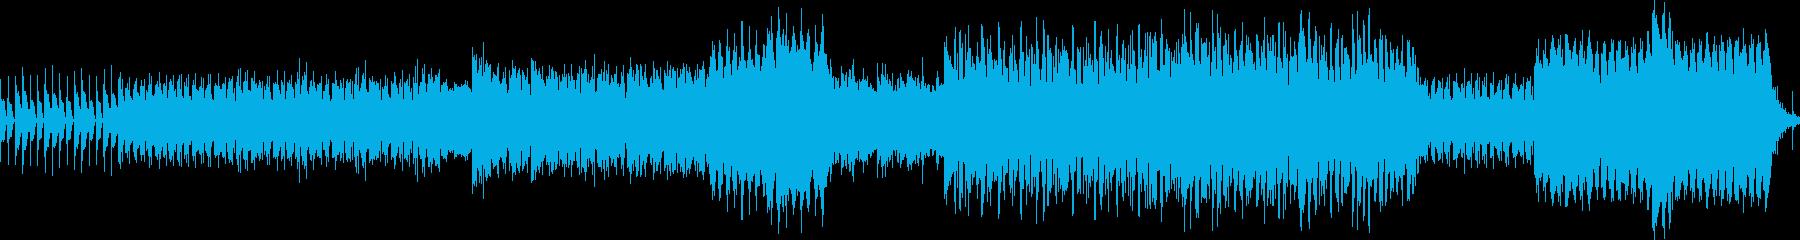 激しいビートのリリカルなポストロックの再生済みの波形